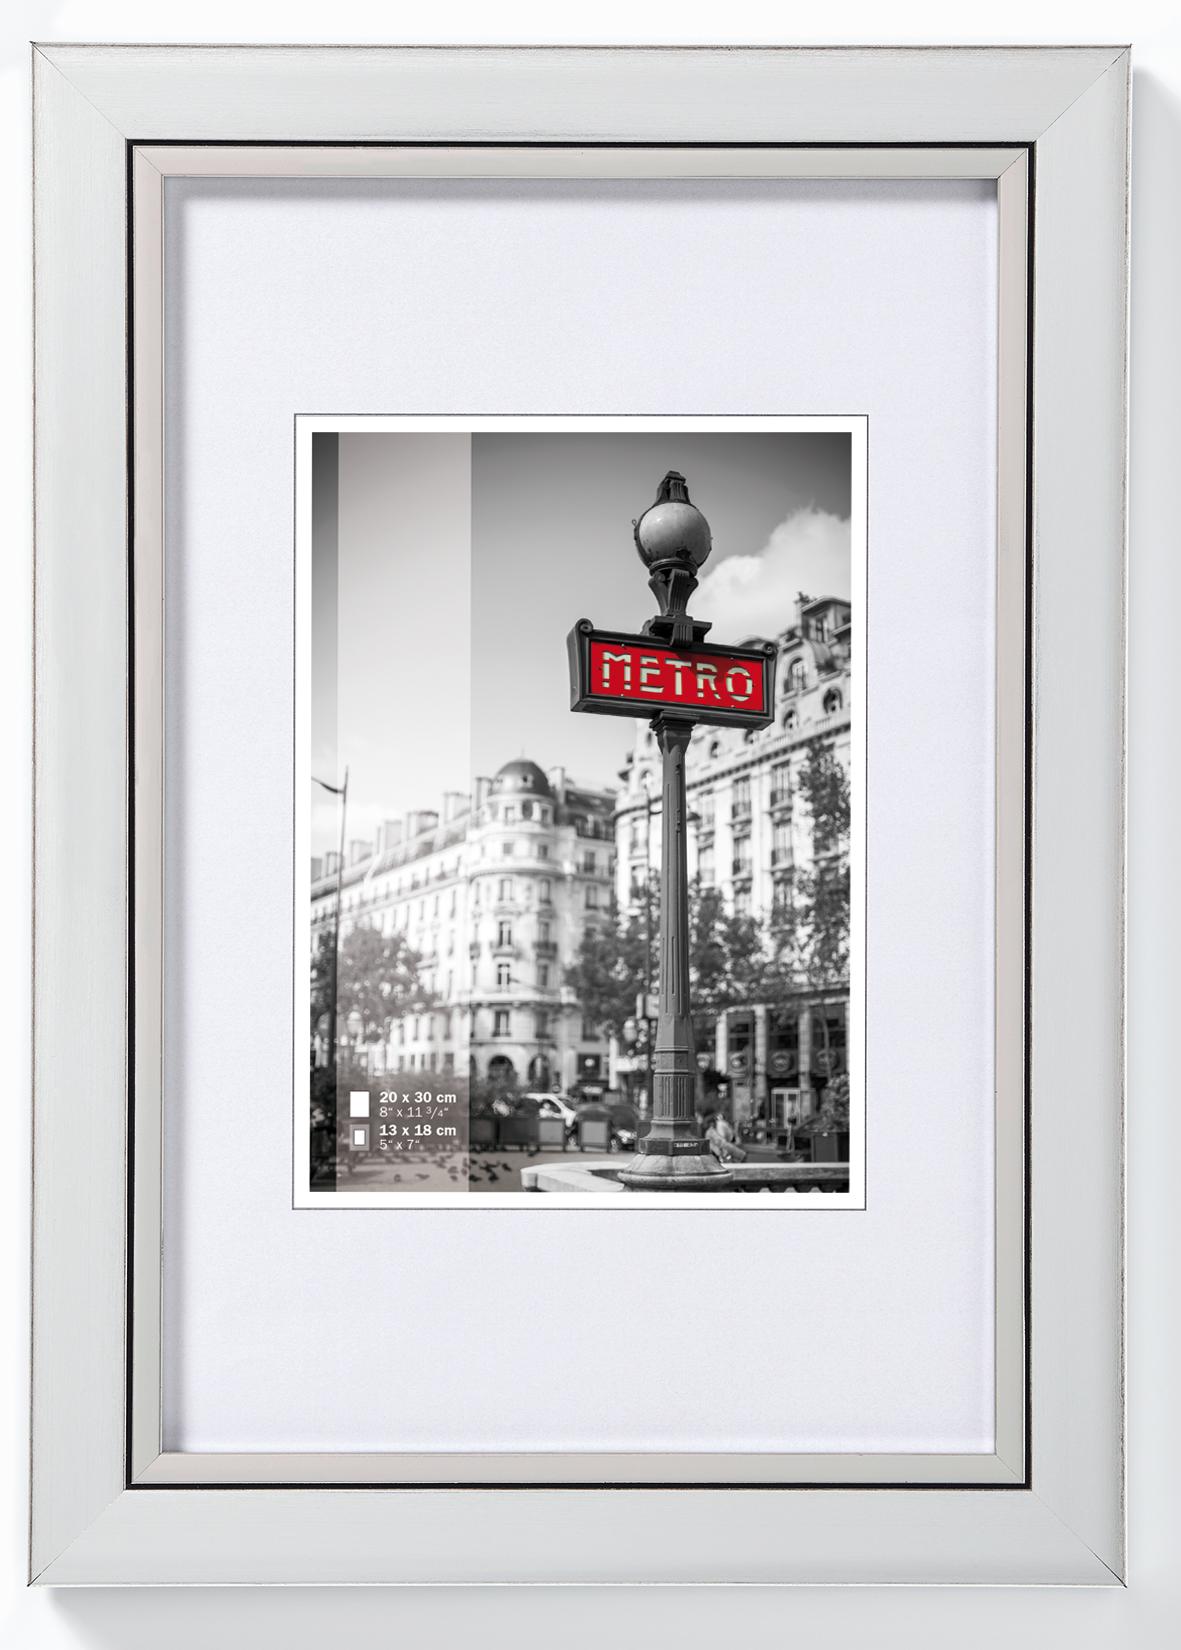 Ungewöhnlich 13 X 39 Rahmen Fotos - Benutzerdefinierte Bilderrahmen ...